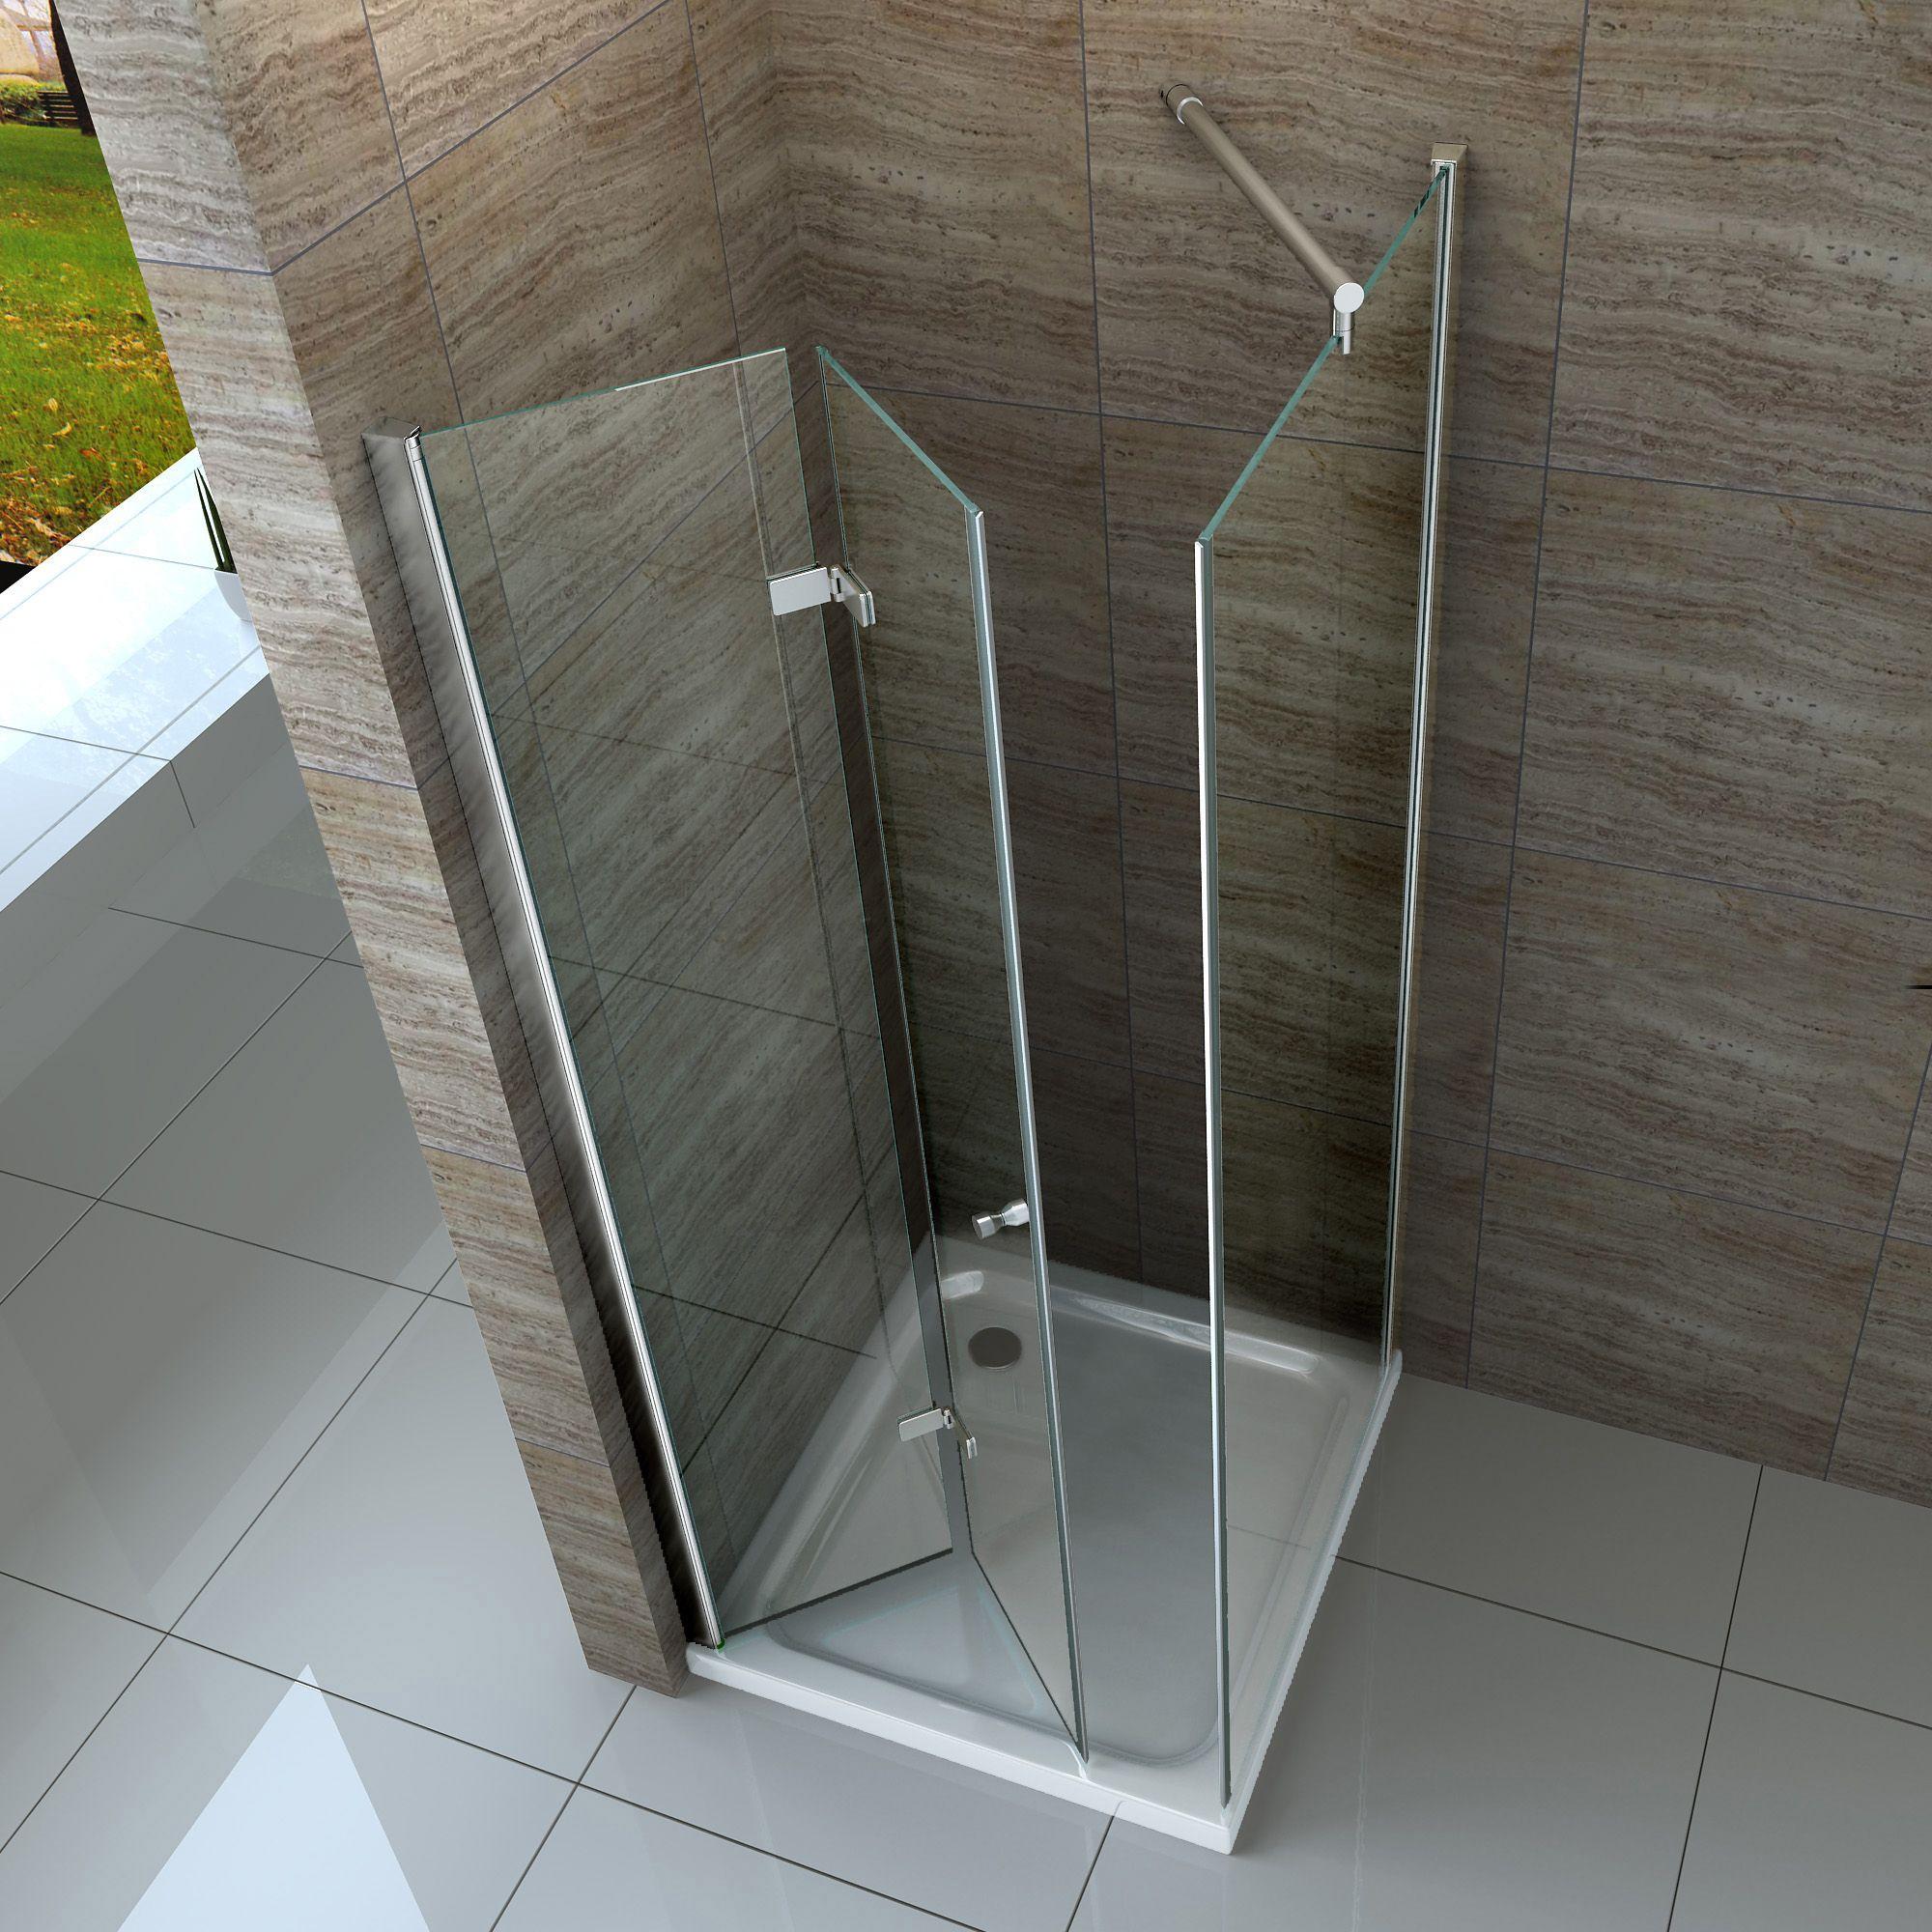 Rahmenlose Duschen. Excellent Auf Anfrage Auch Mit Schrgen